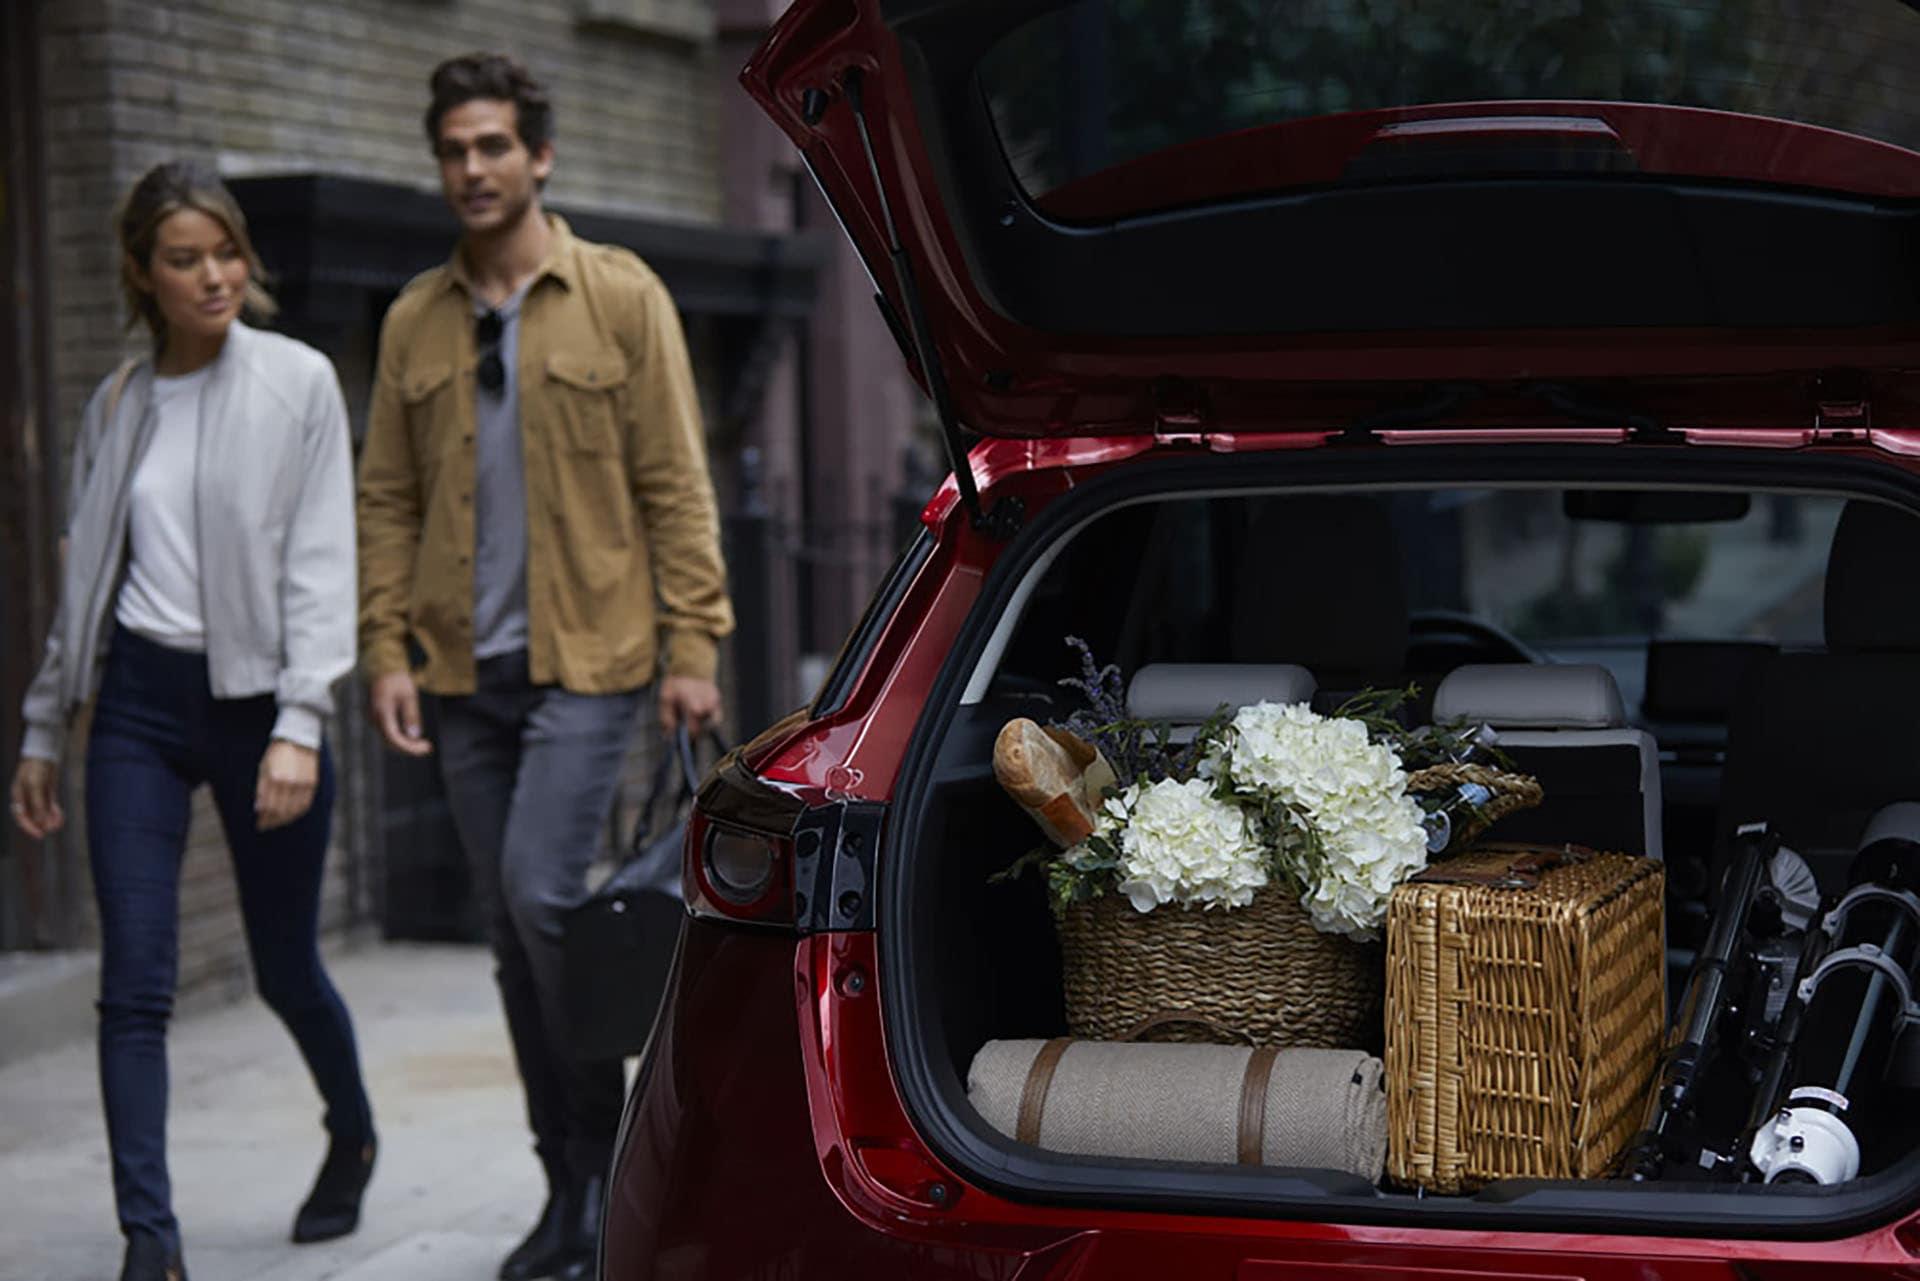 2020 Mazda CX-3 Lifestyle Image Trunk Cargo